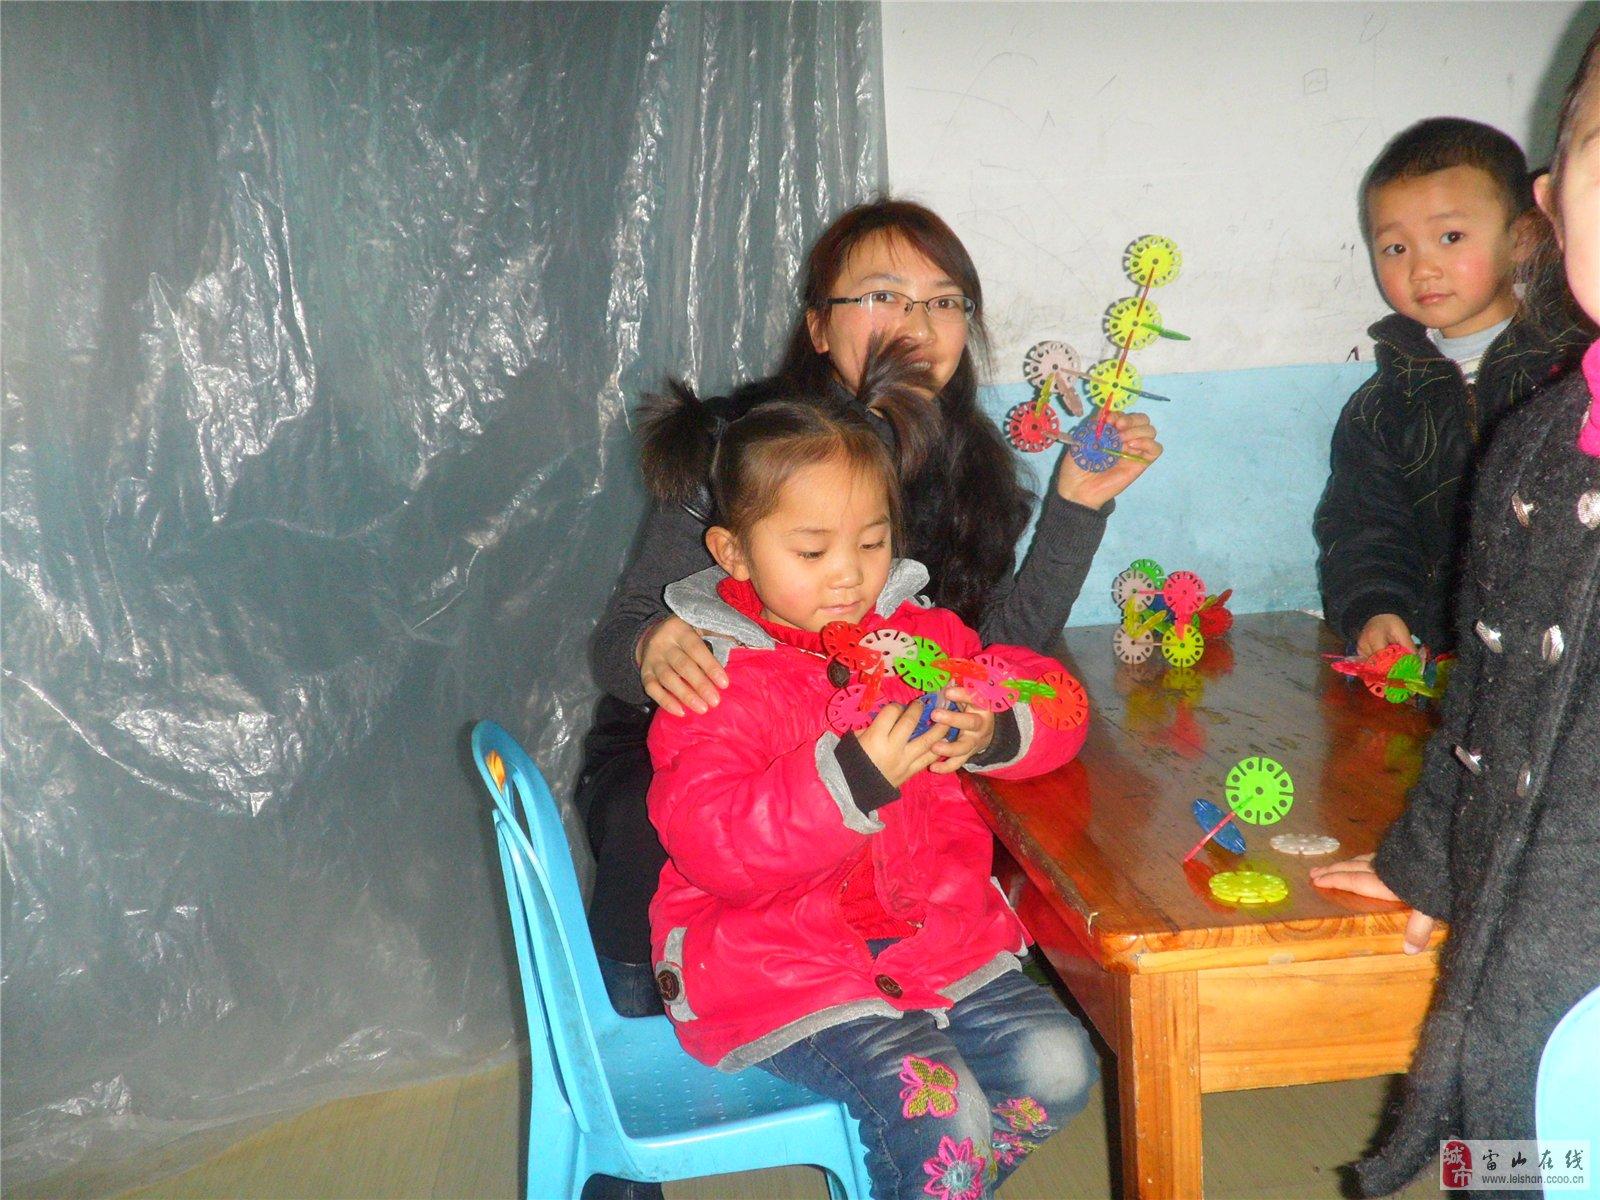 2008年3月-2010年9月于创世纪幼儿园任教一直任中二